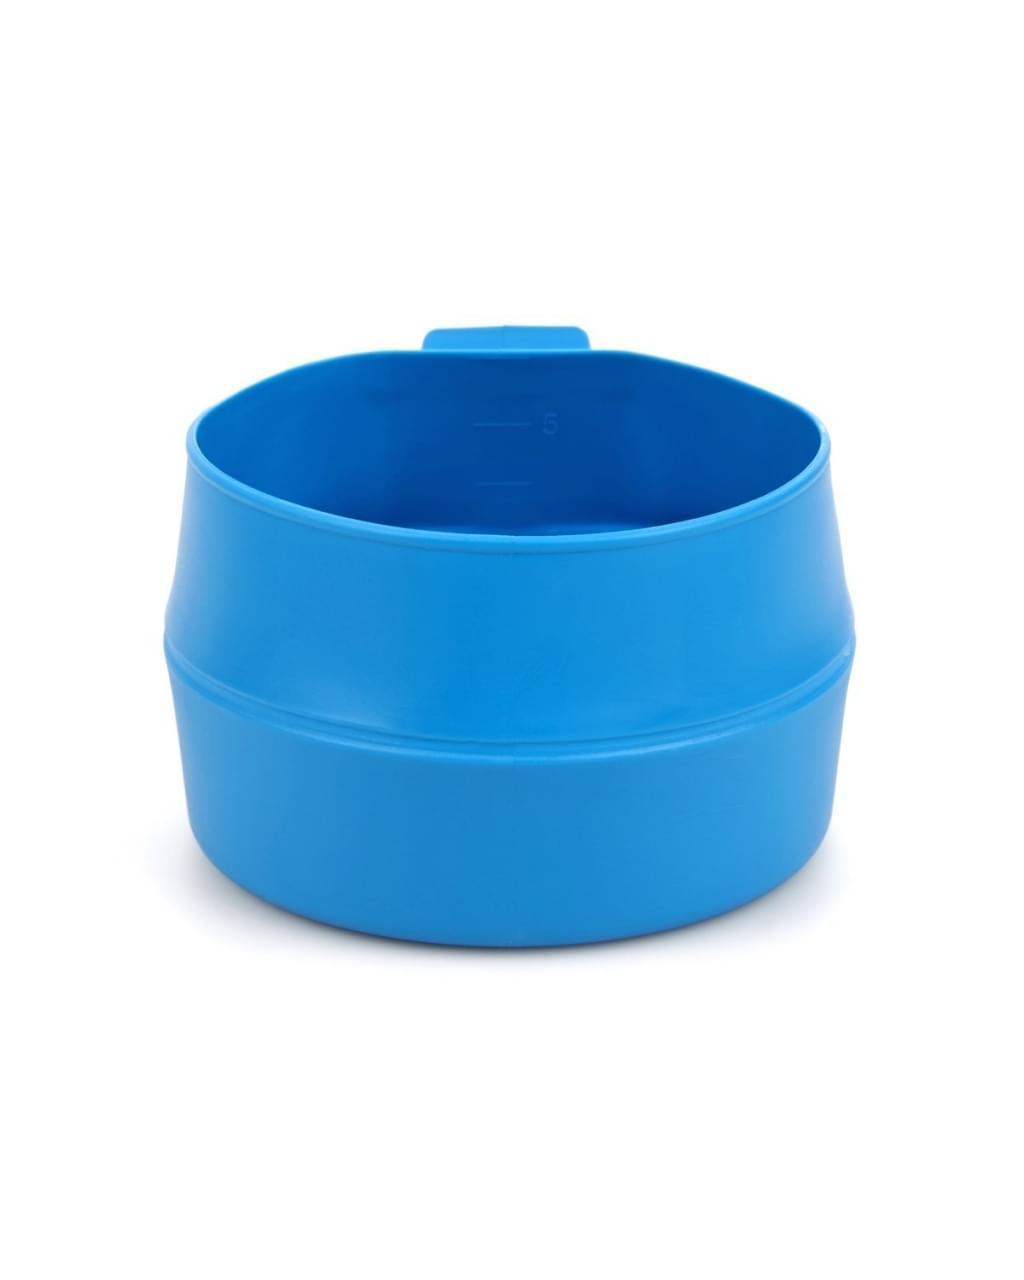 Wildo WILDO® FOLD-A-CUP